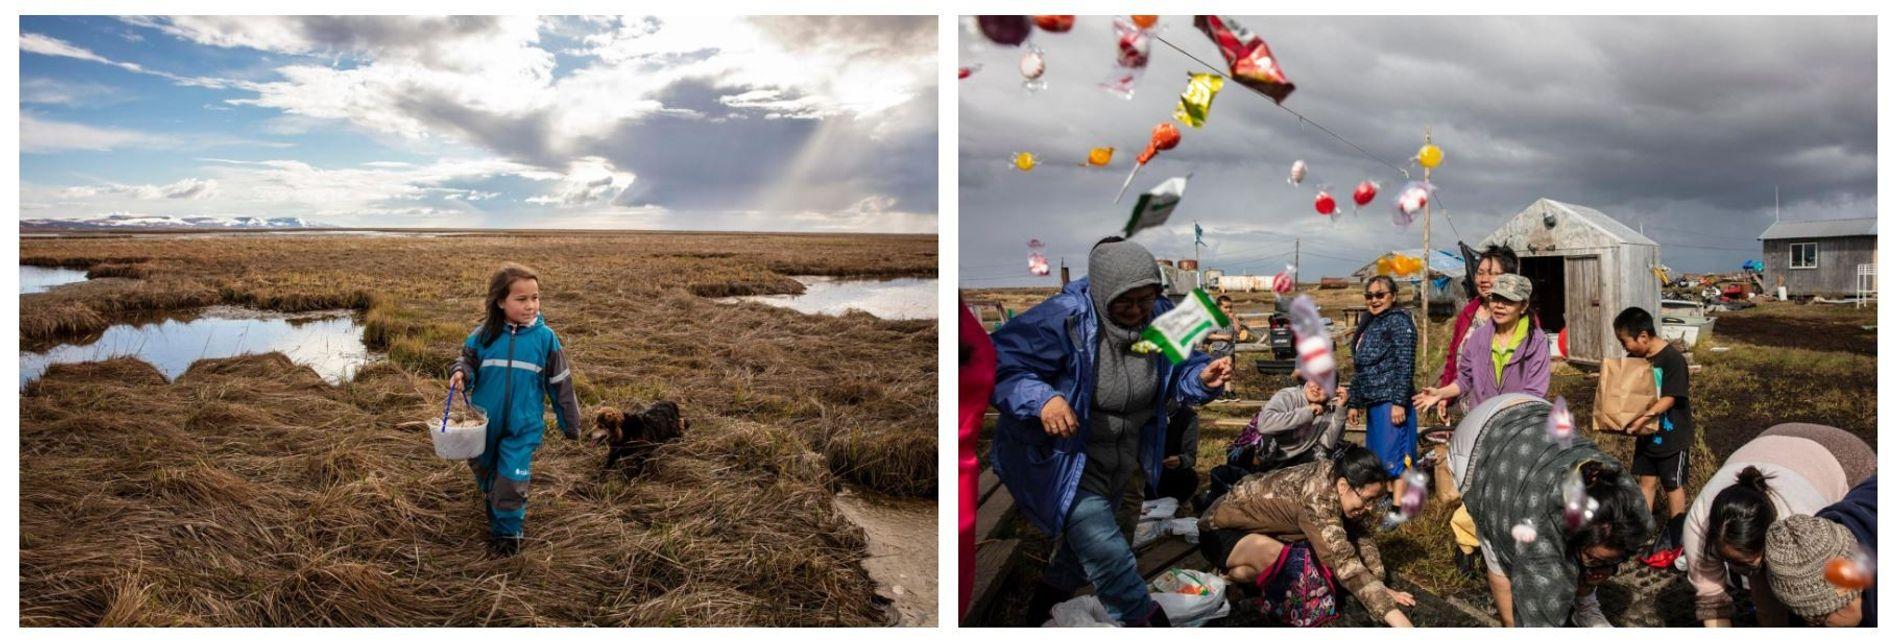 Esquerda: Kaliegh Charles recolhe ovos de ganso com a sua família ao longo do rio Ninglick. As práticas baseadas em subsistência, como a recolha de ovos, a caça e a pesca, são um modo de vida crucial nesta região, não só em termos culturais e económicos, como nutritivos e de sobrevivência. Direita: As mulheres reúnem-se na casa de Lisa e Jeff Charles para uma celebração de caça tradicional, após a primeira caçada bem-sucedida da filha Rayna.